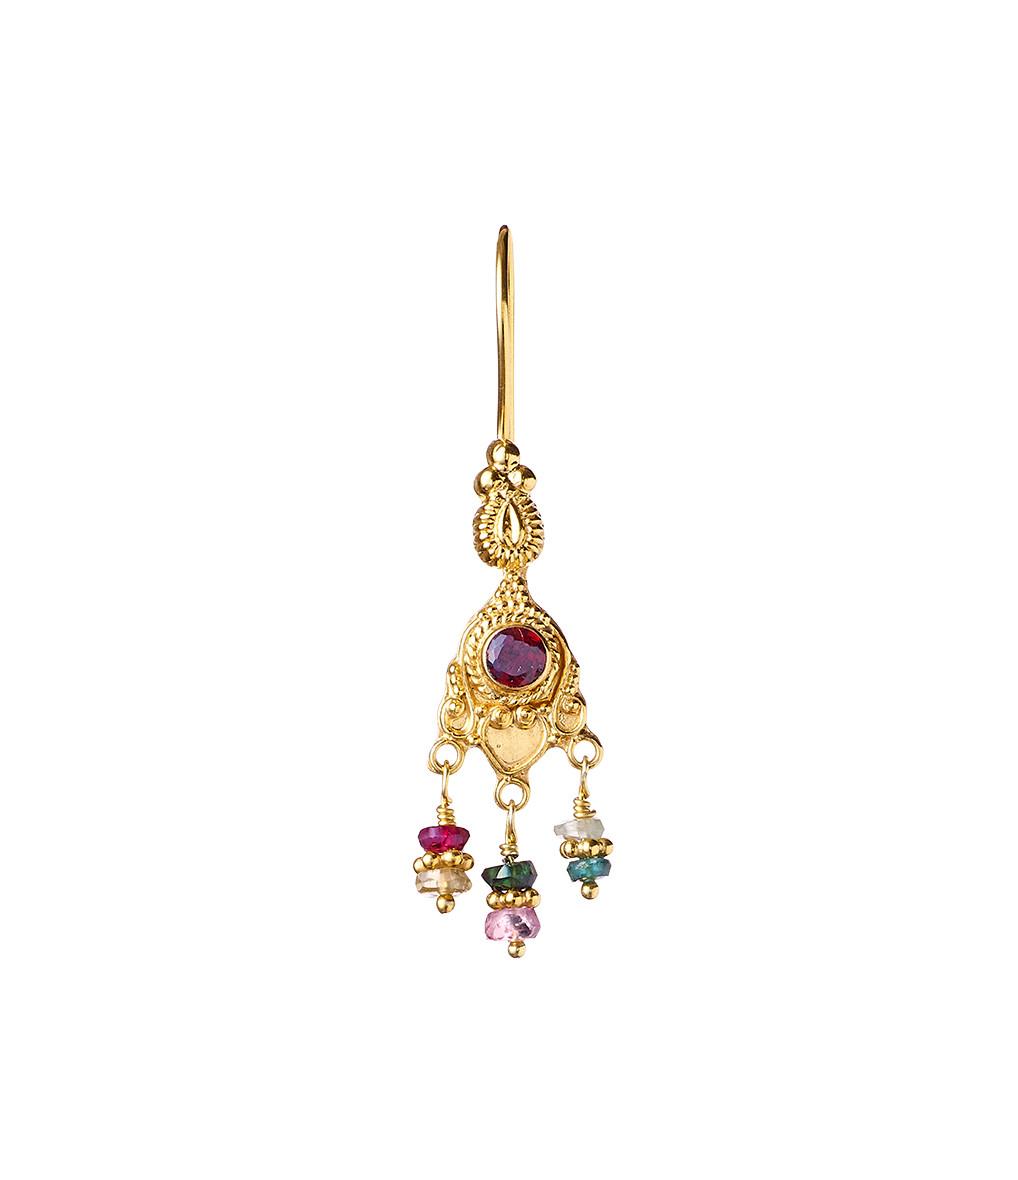 TITYARAVY - Boucle d'oreille Padma Grenat Plaqué Or (vendue à l'unité)